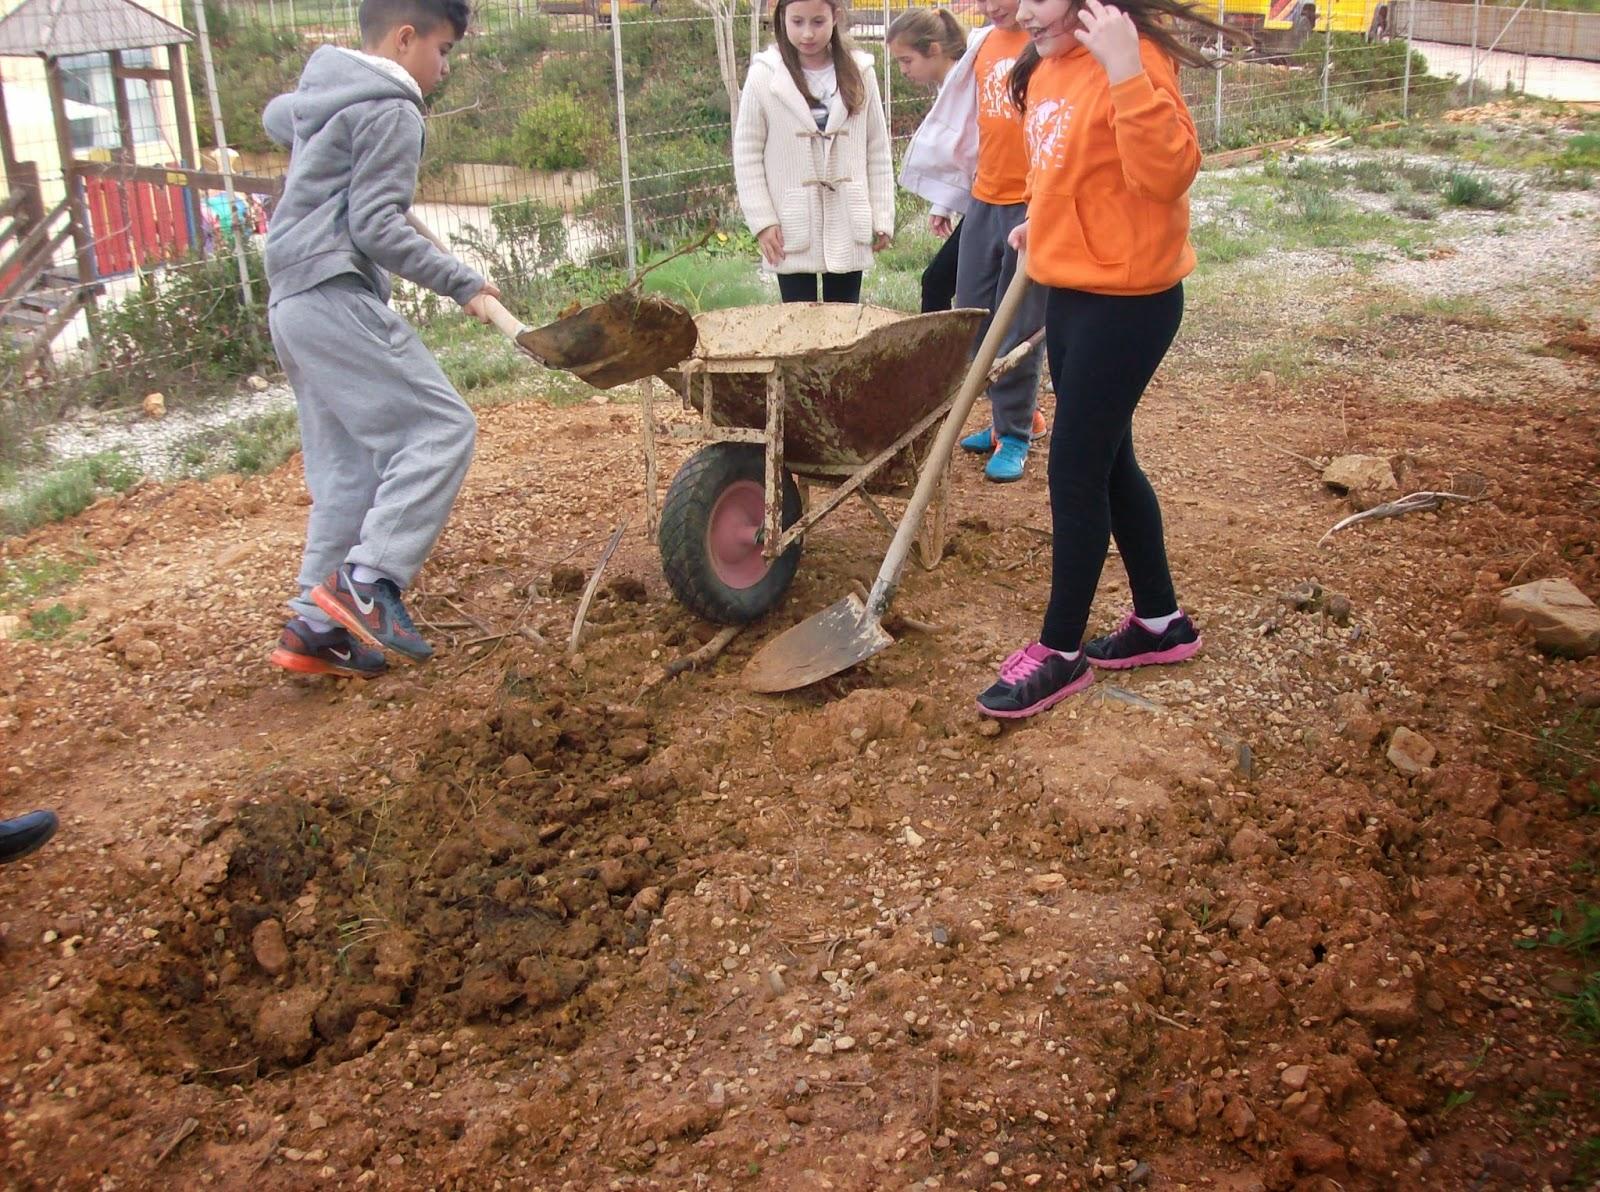 Η επιστροφή στα σχολεία ως ευκαιρία για περιβαλλοντικές δράσεις